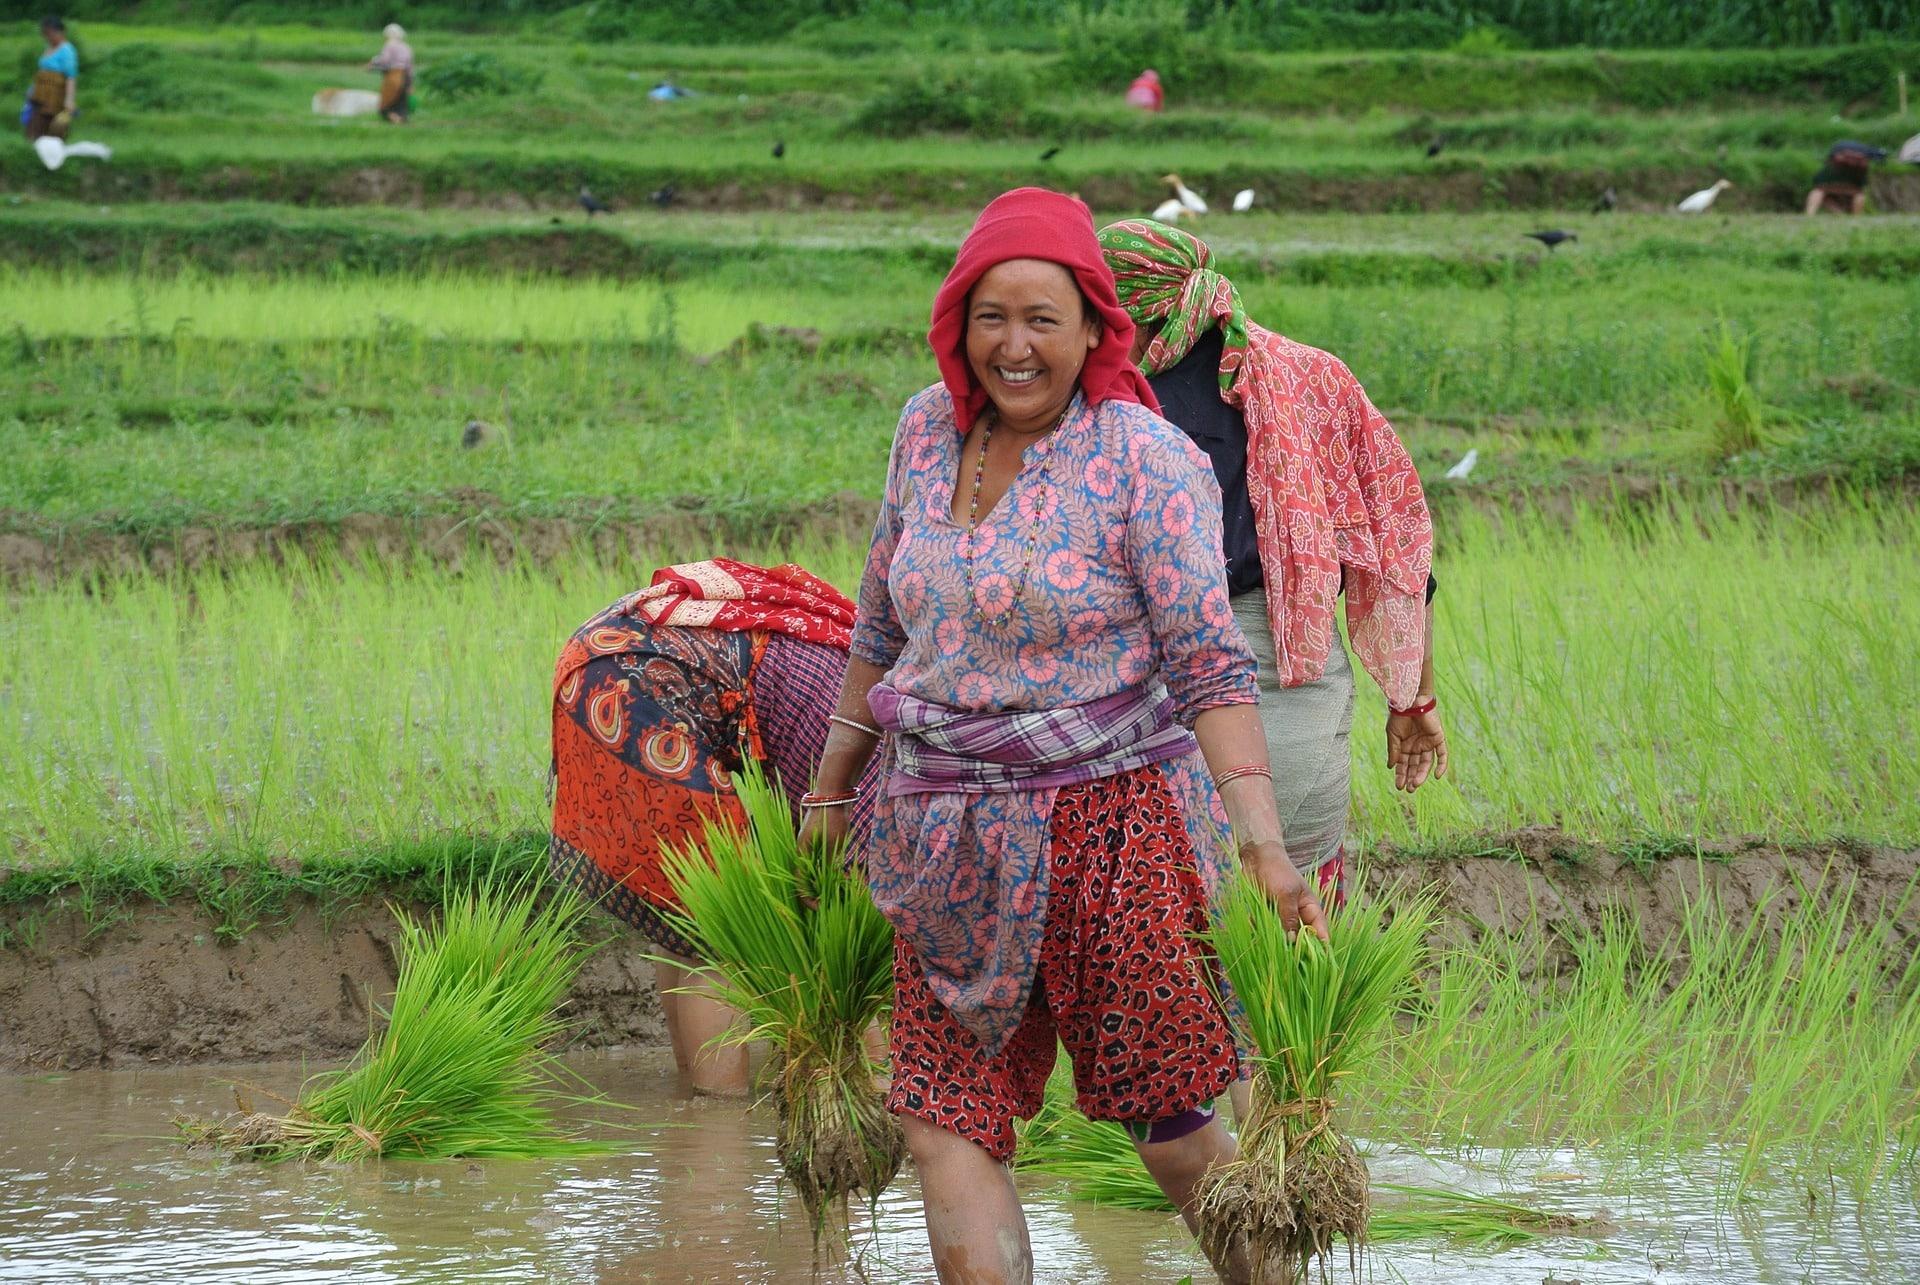 Volontariato internazionale in Nepal nell'agricoltura